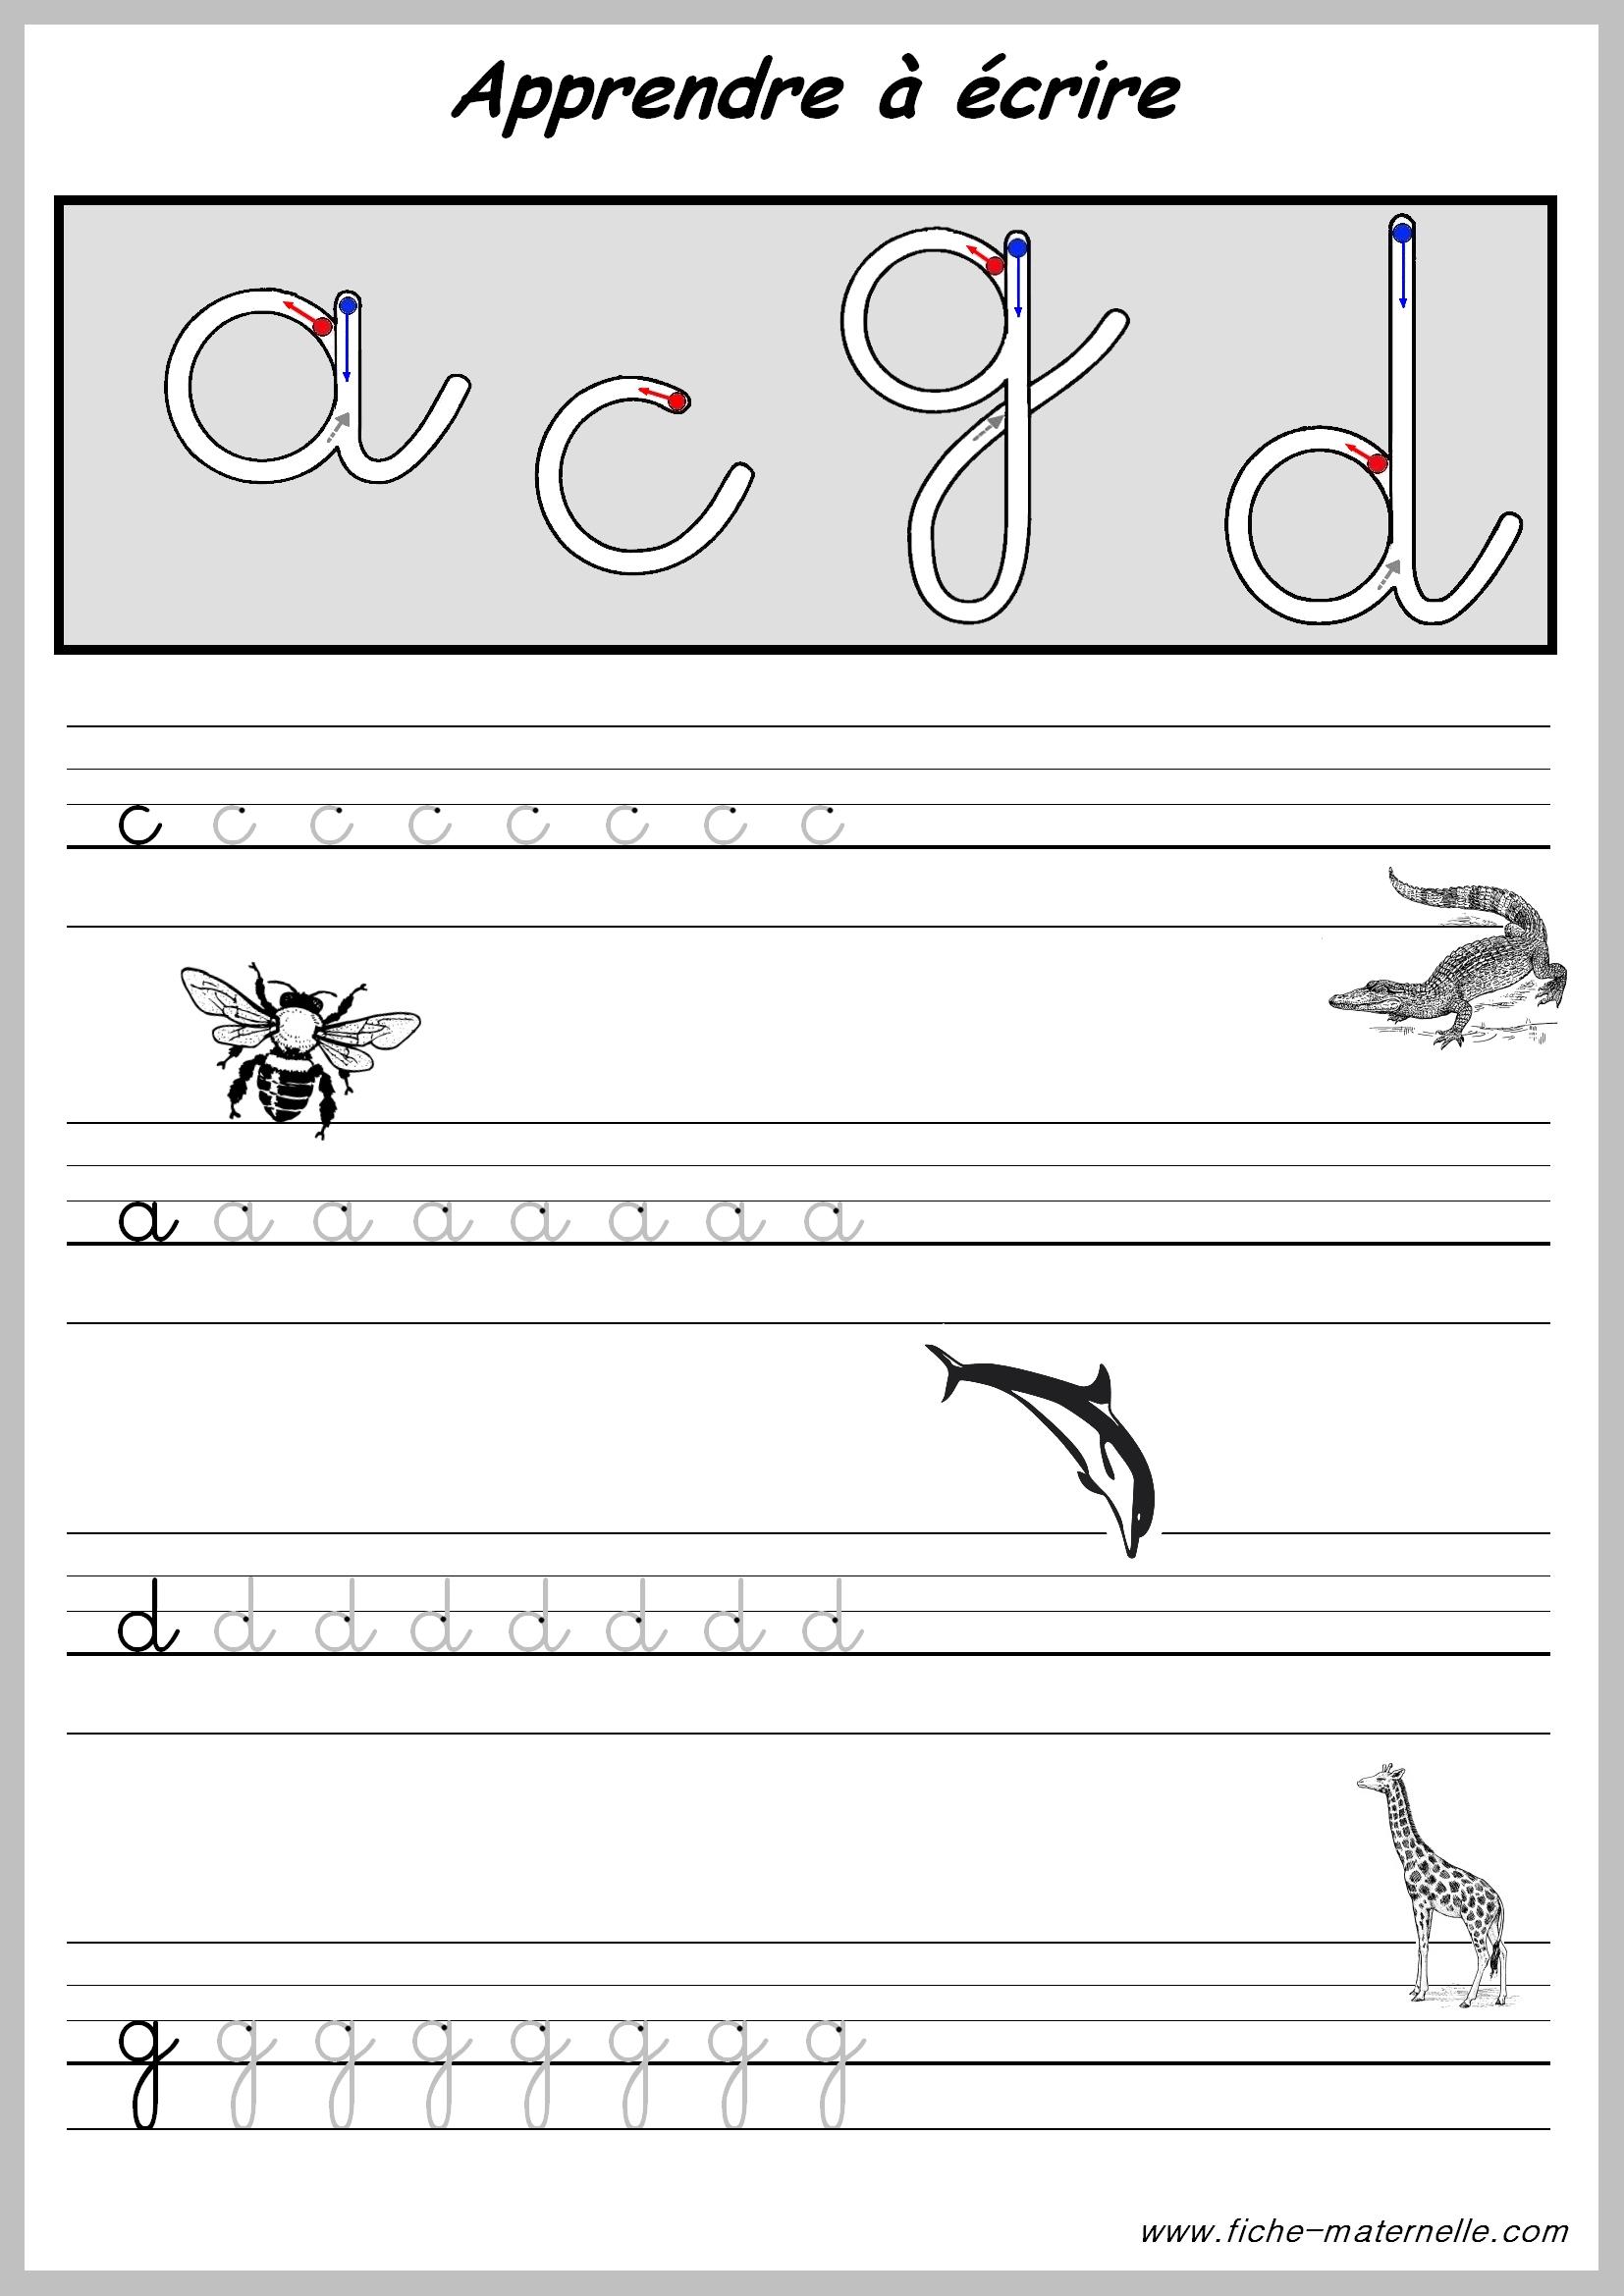 Exercices Pour Apprendre A Ecrire. intérieur Ecrire L Alphabet